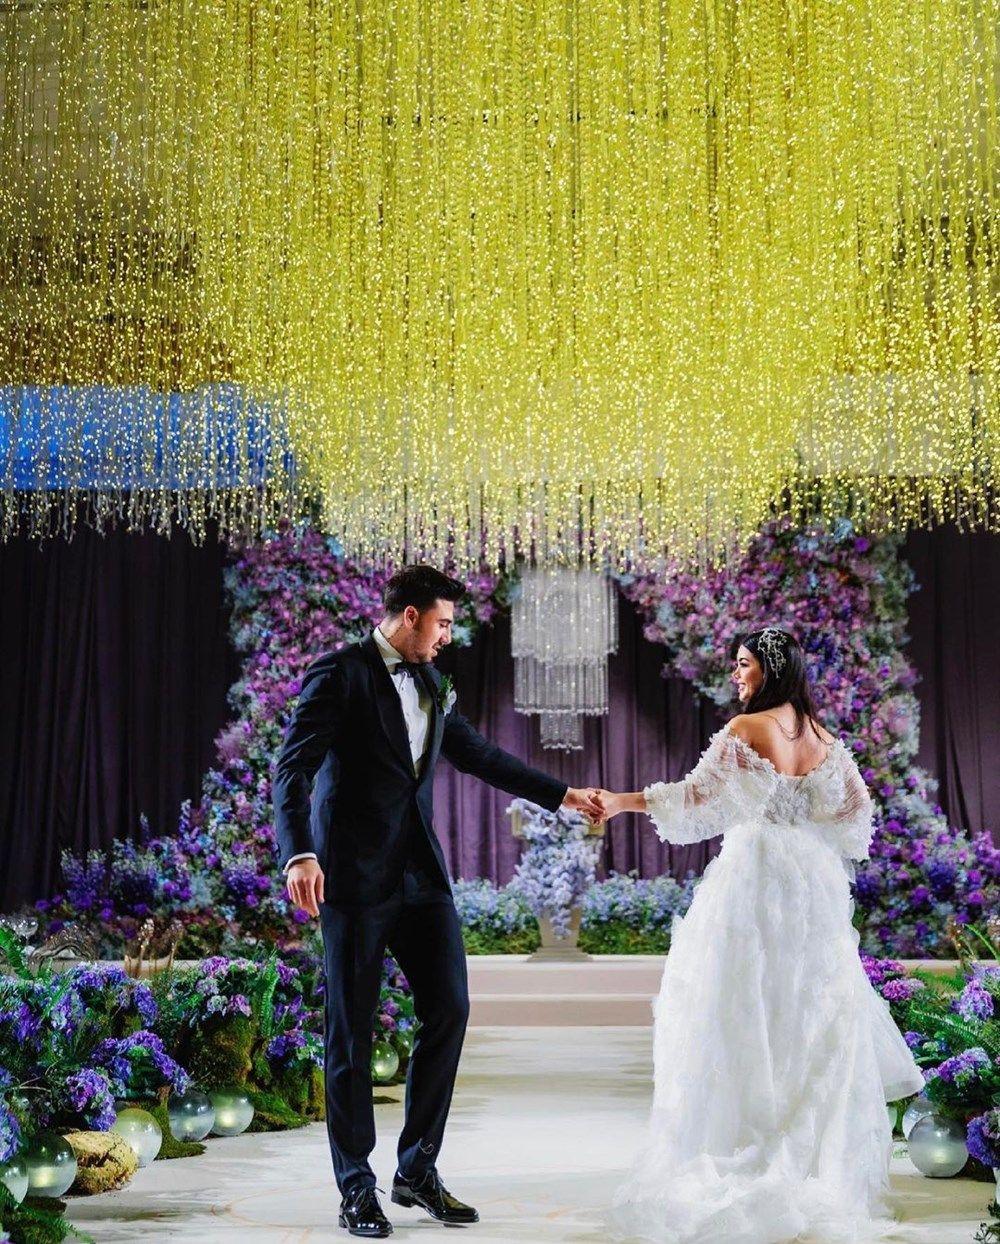 Ozan Tufan ile Rojin Haspolat Tufan'ın düğününden fotoğraflar - Sayfa 1